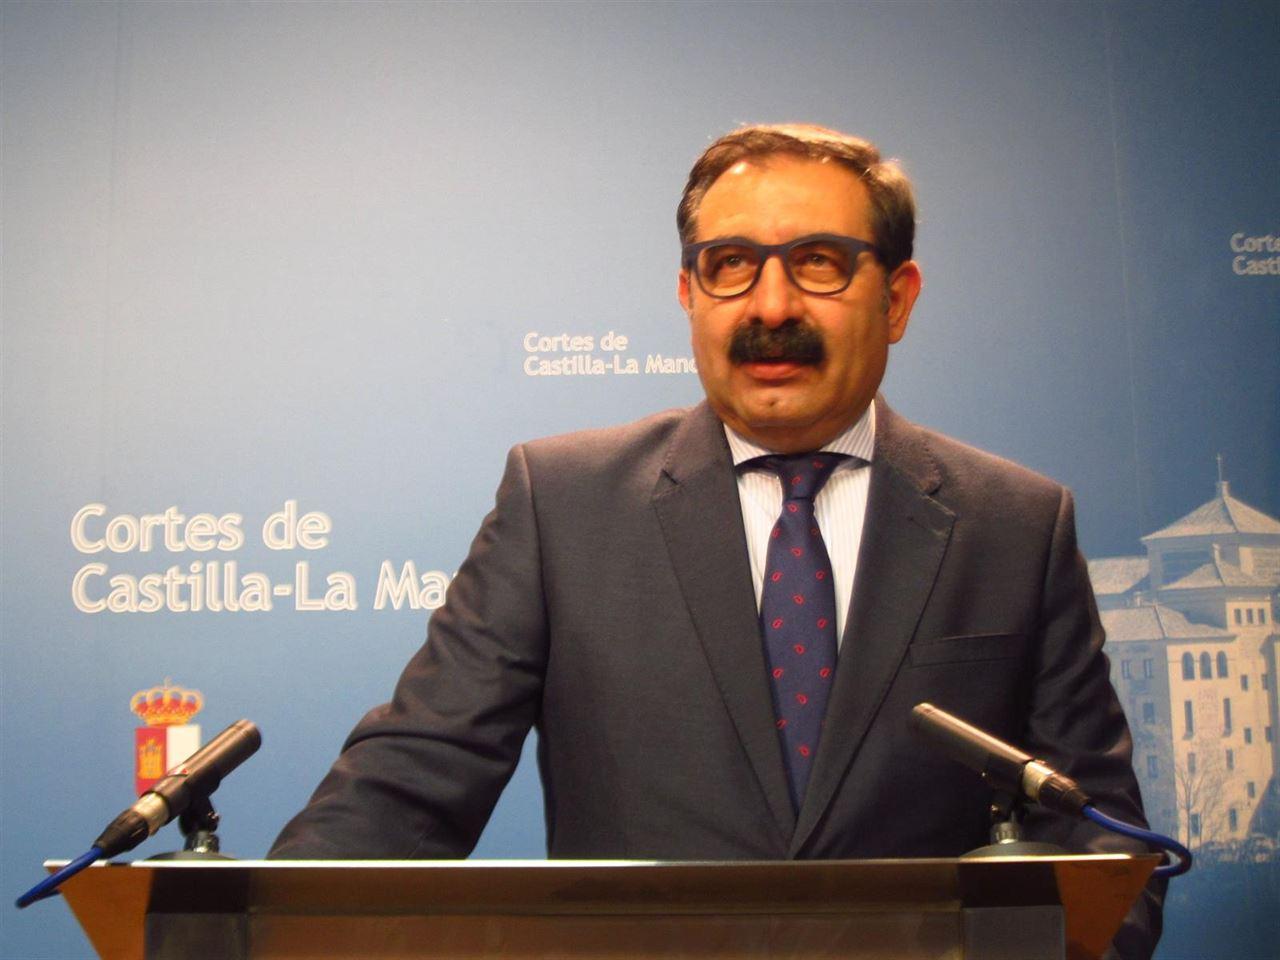 Castilla-La Mancha pide la celebración de un interterritorial para tratar temas como la prescripción enfermera